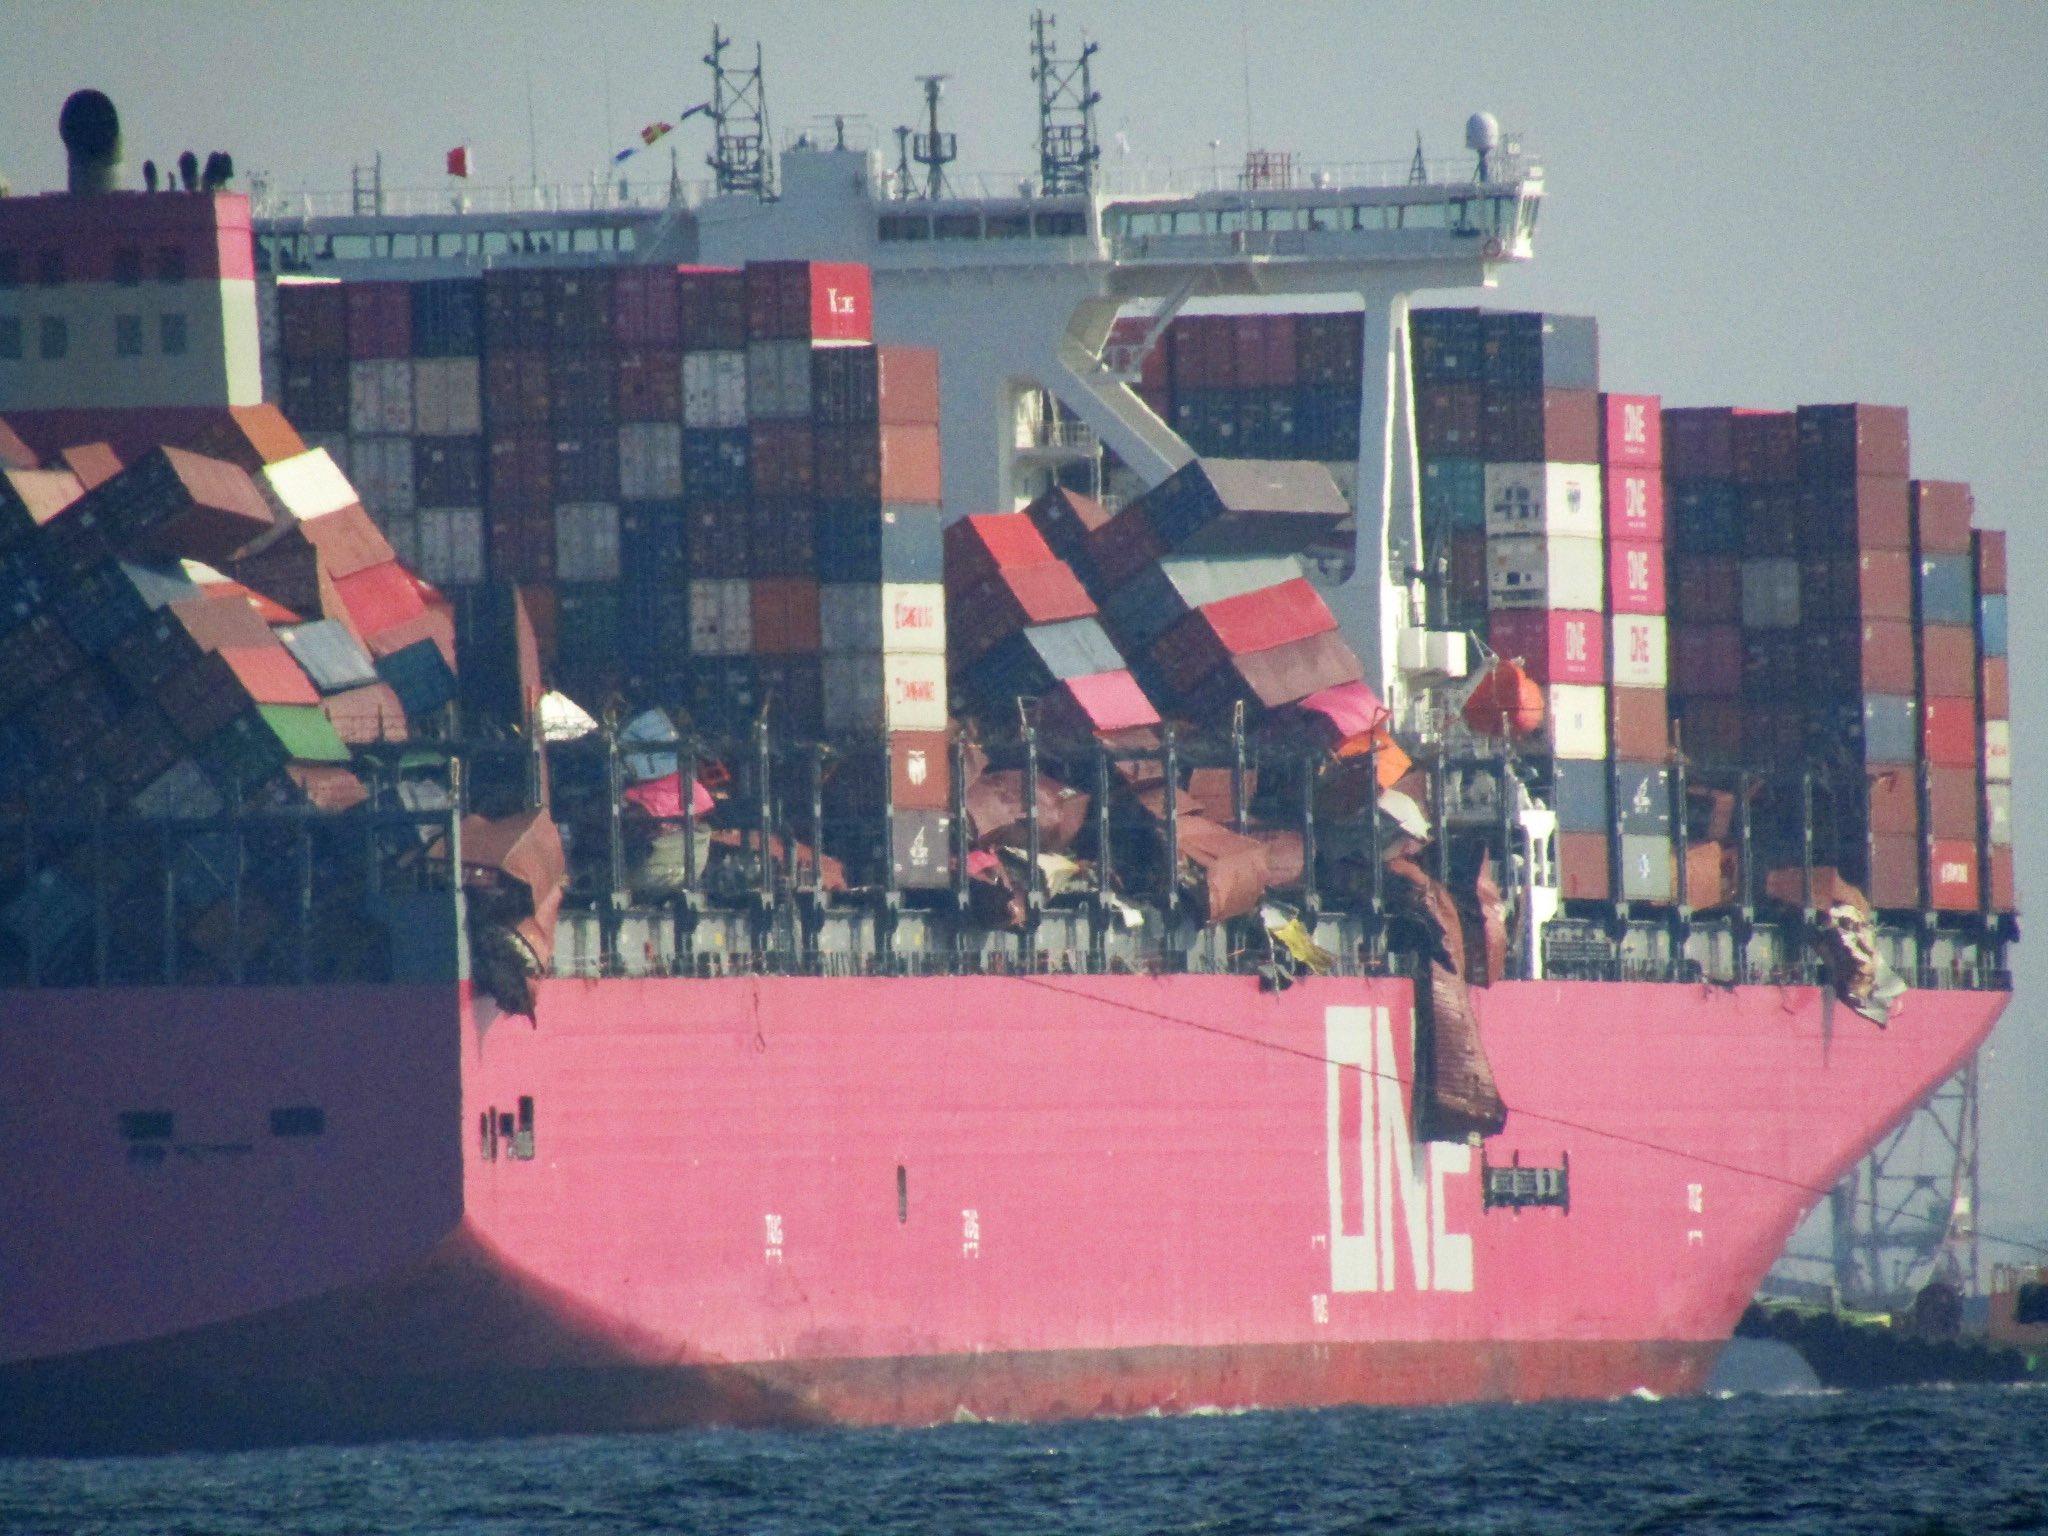 ONE Apus прибыл в Кобе для выгрузки. Предварительная стоимость ущерба оценивается в 250 млн долл 1